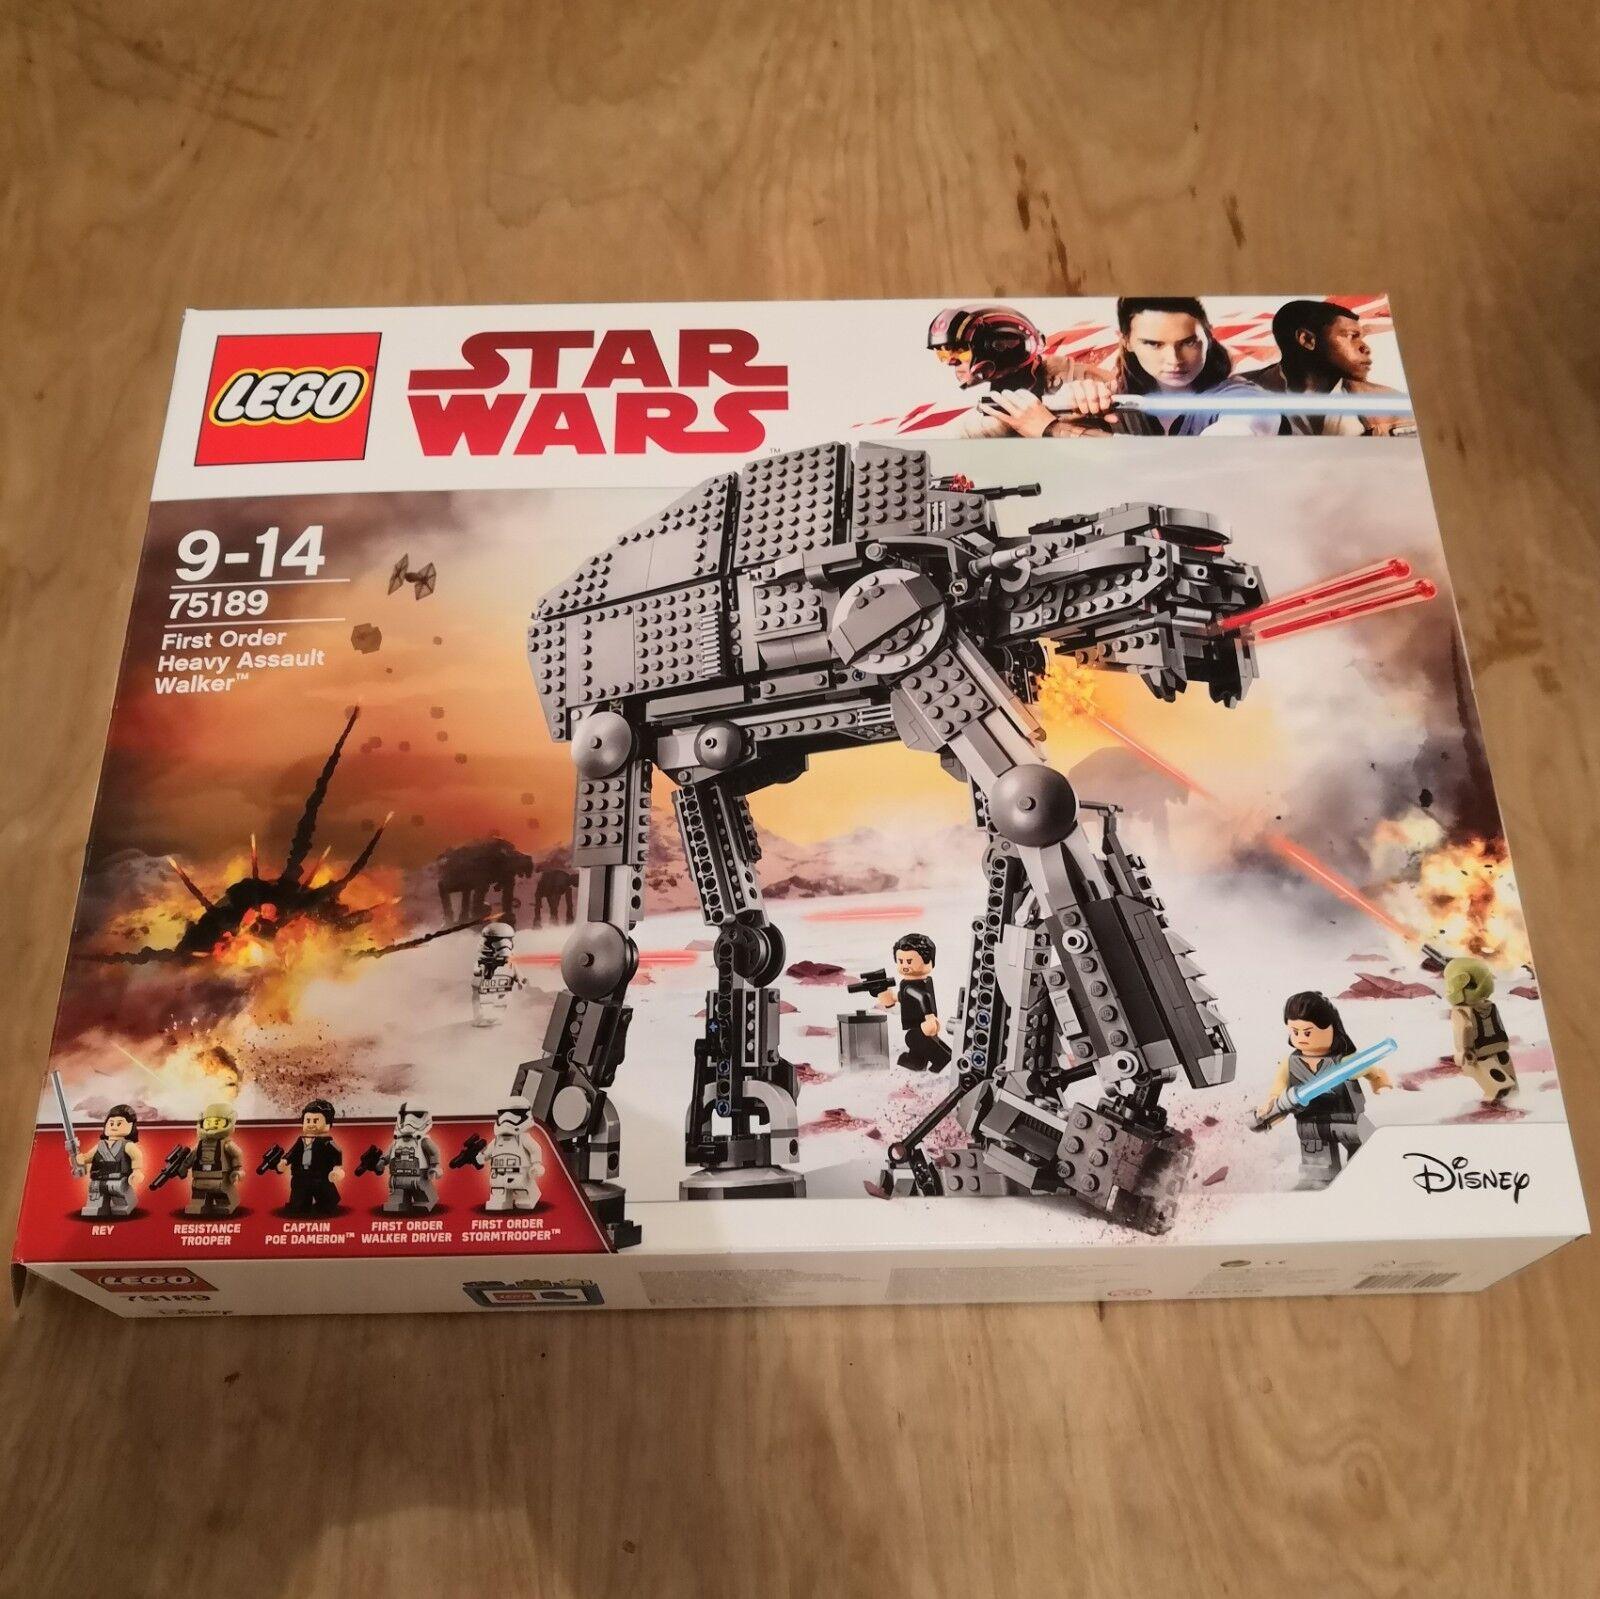 75189 LEGO STAR WARS de premier ordre Heavy Assault Walker-avec Walker-avec Walker-avec boite & Instructions a1068c